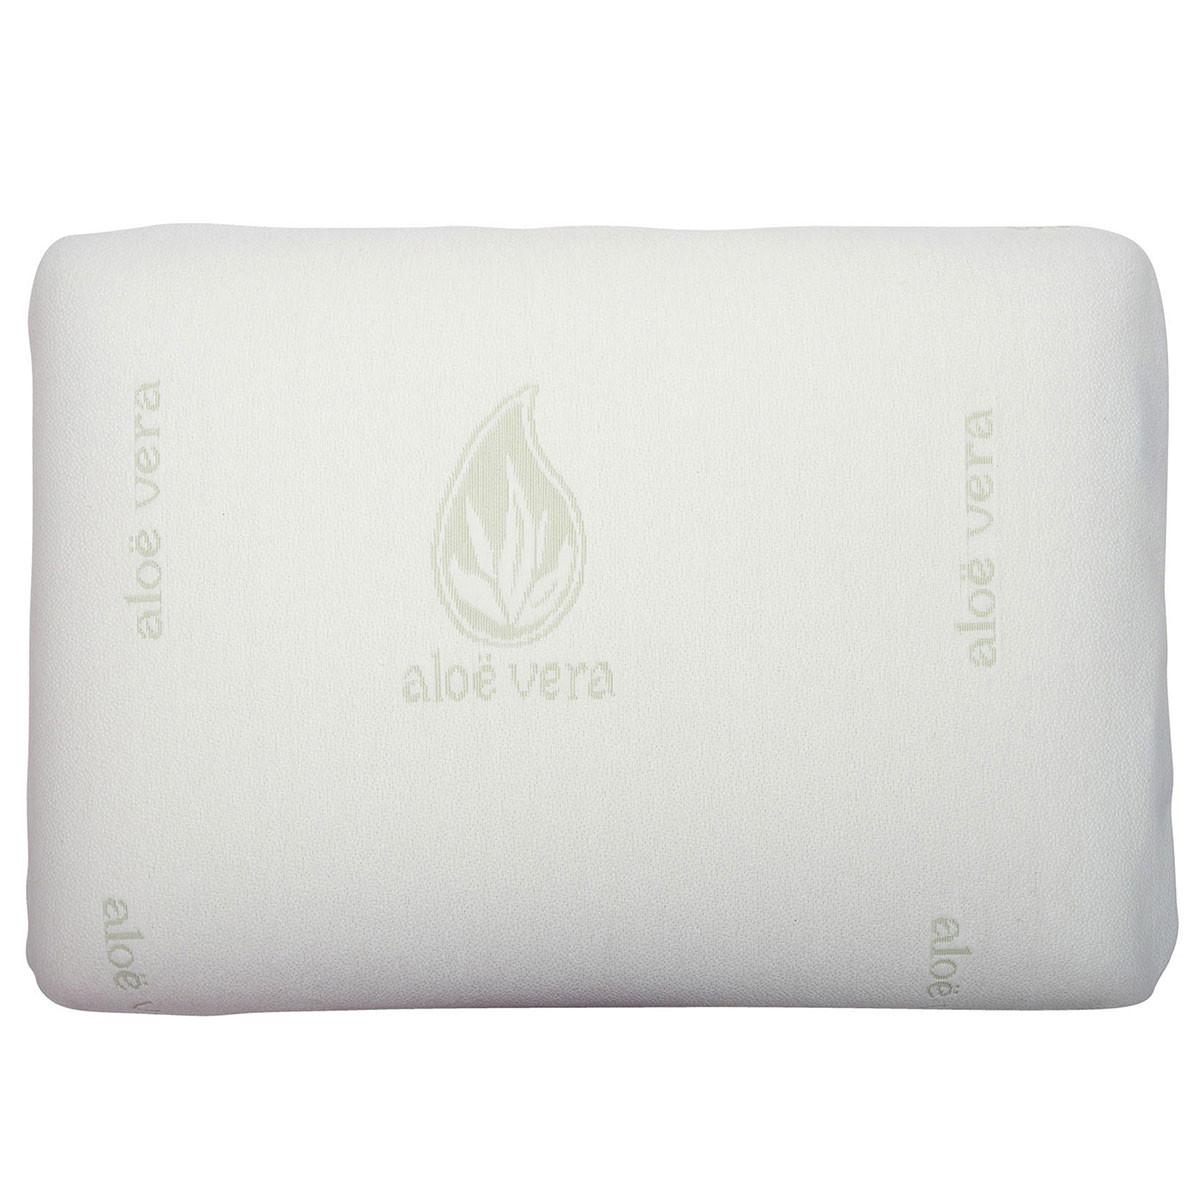 Μαξιλάρι Ύπνου Ανατομικό (40x60) Das Home Aloe Vera Pillow 1095 home   κρεβατοκάμαρα   μαξιλάρια   μαξιλάρια ύπνου